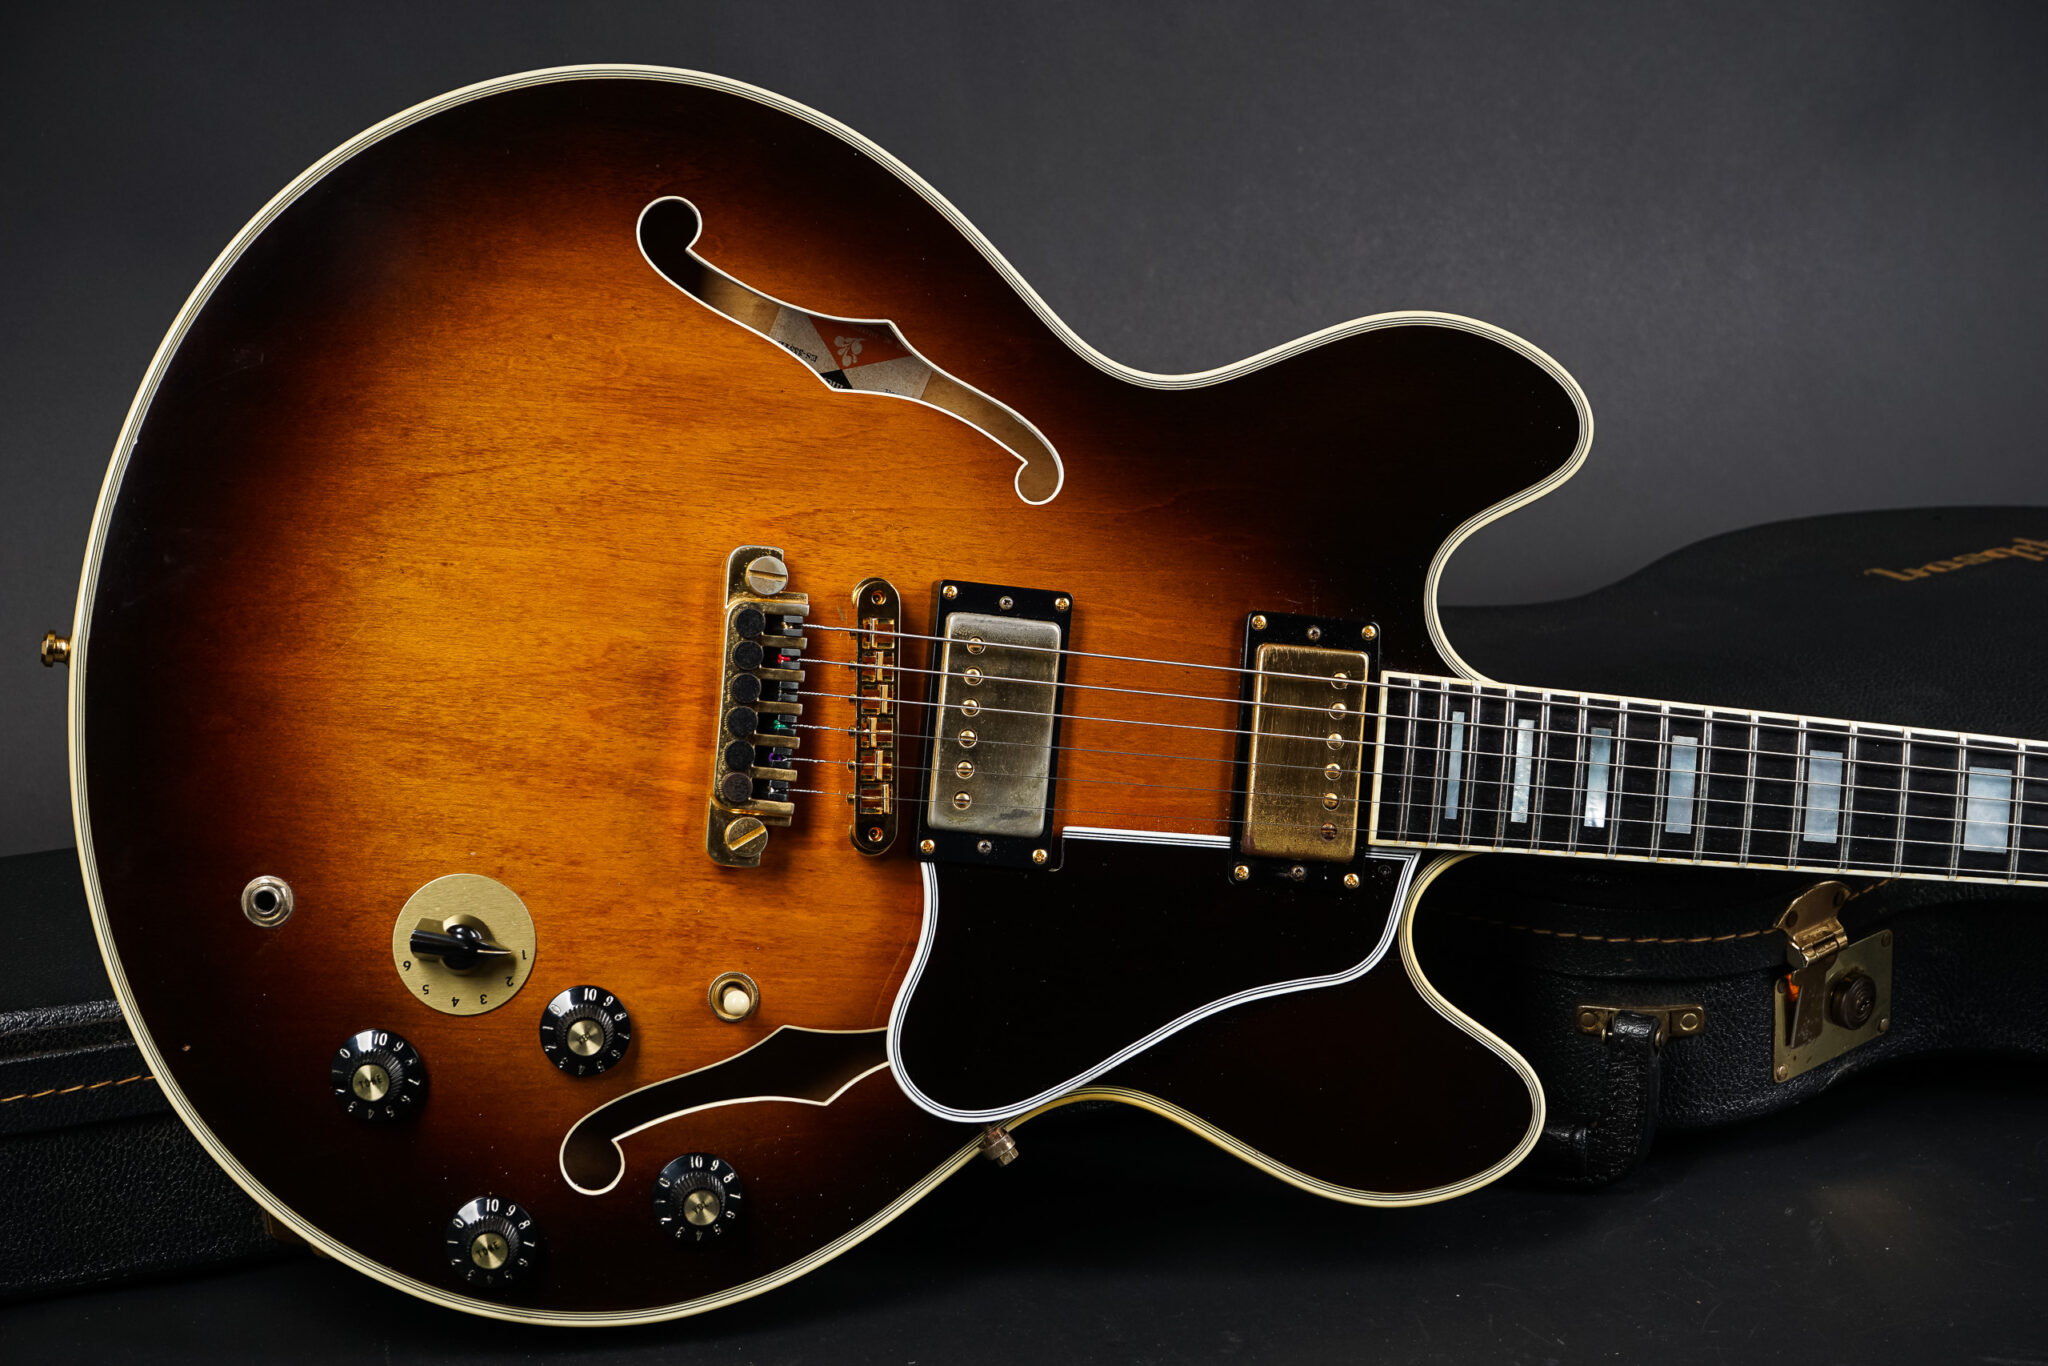 https://guitarpoint.de/app/uploads/products/1981-gibson-es-355-td-sunburst-80991025/1981-Gibson-ES-355-TDSV-Sunburst-8-2048x1366.jpg